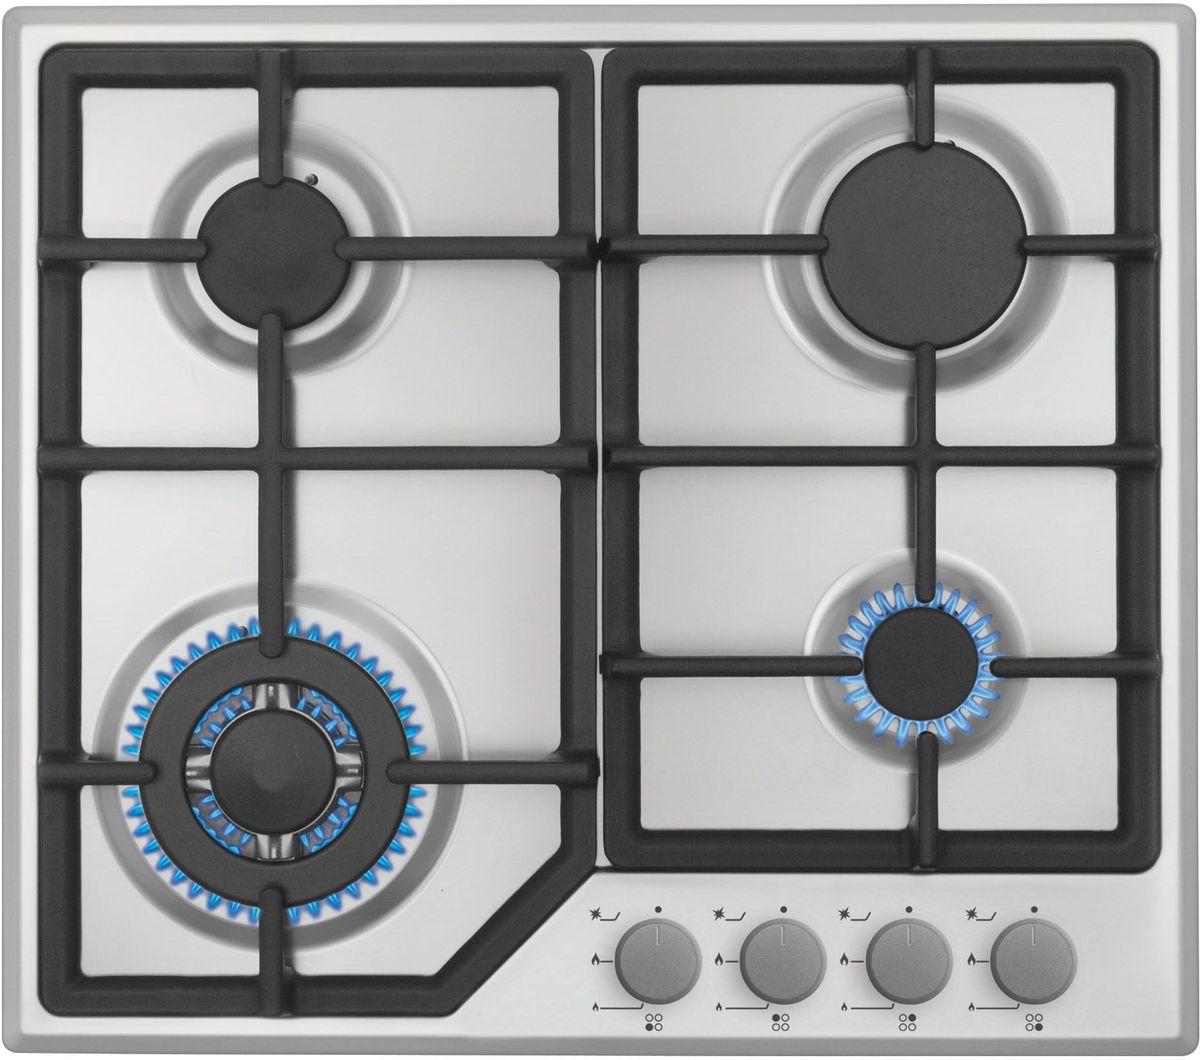 Simfer H60M41M412 панель варочная газоваяH60M41M412Газовая варочная панель Simfer H60M41M412 с чистым пламенем доведет вашу сковороду до нужной температуры без всяких задержек. Включите её и всё днище сковороды будет моментально нагрето.Благодаря идеальному расположению панели управления и индикатора уровня мощности прямо спереди этой варочной панели, любой повар, будь он левша или правша, сможет пользоваться ими с одинаковой лёгкостью.Газовая варочная поверхность Simfer H60M41M412 упрощает приготовление и делает его безопаснее благодаря особой форме подставок, обеспечивающих абсолютную устойчивость посуды.Нет способа быстрее и удобнее для того, чтобы разжечь конфорку, чем автоподжиг варочной панели. Просто поверните ручку, чтобы открыть и зажечь газ одним плавным движением.